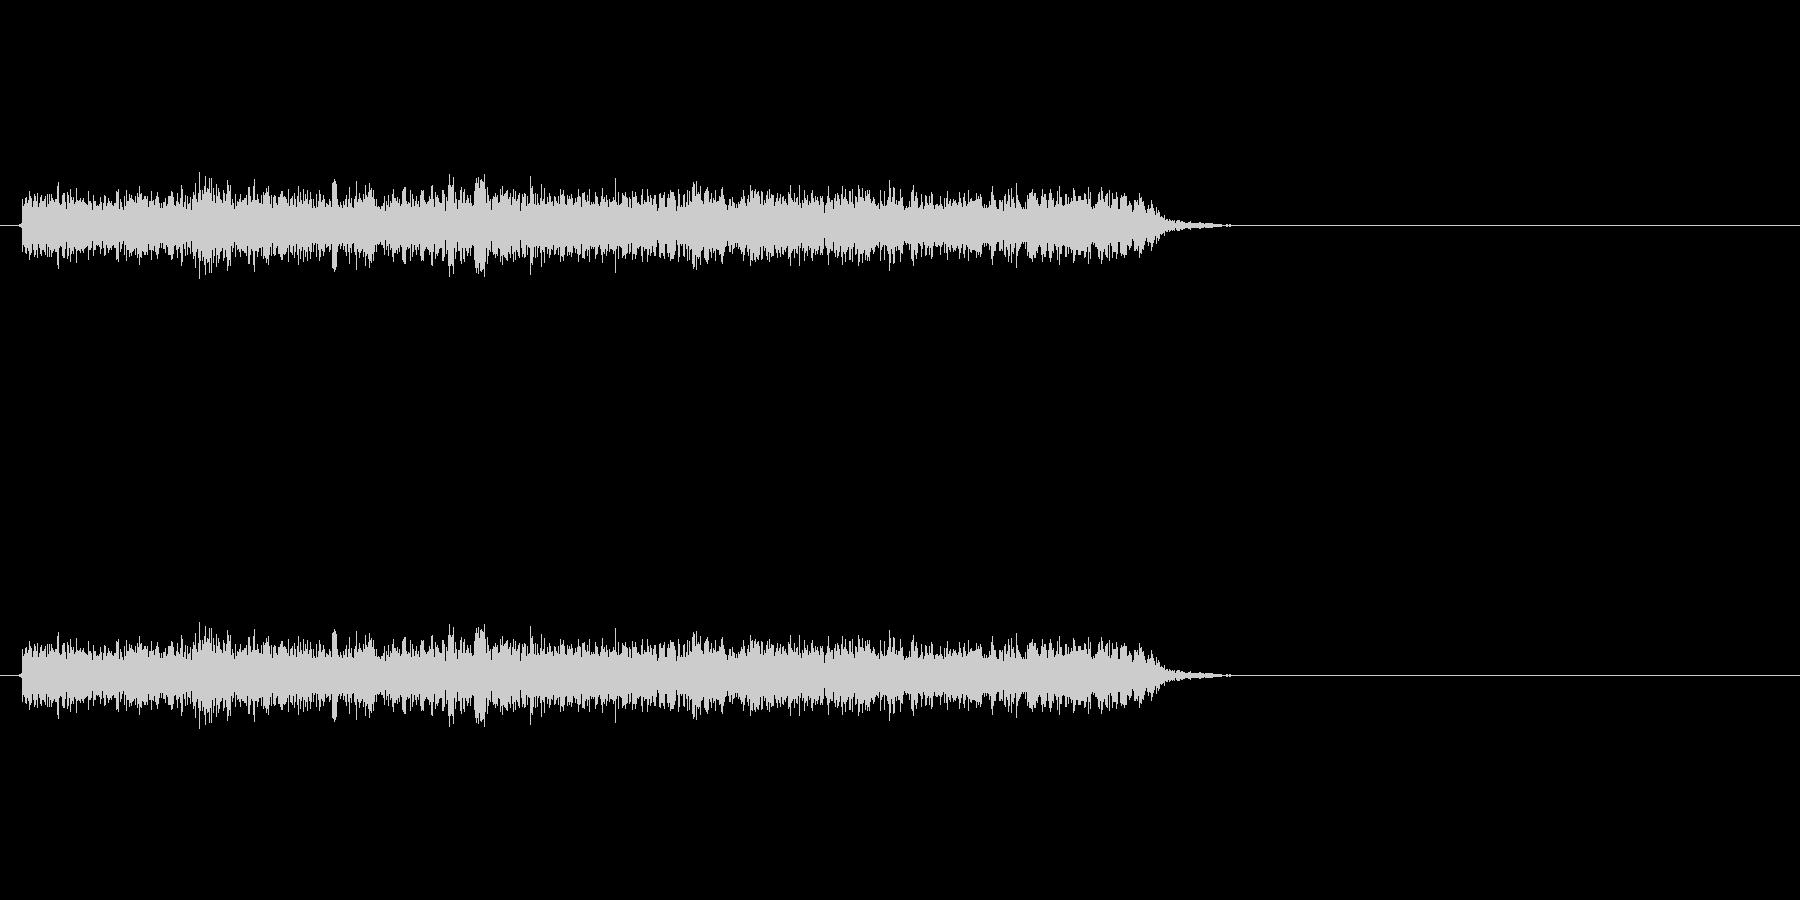 怪獣の鳴き声ですの未再生の波形